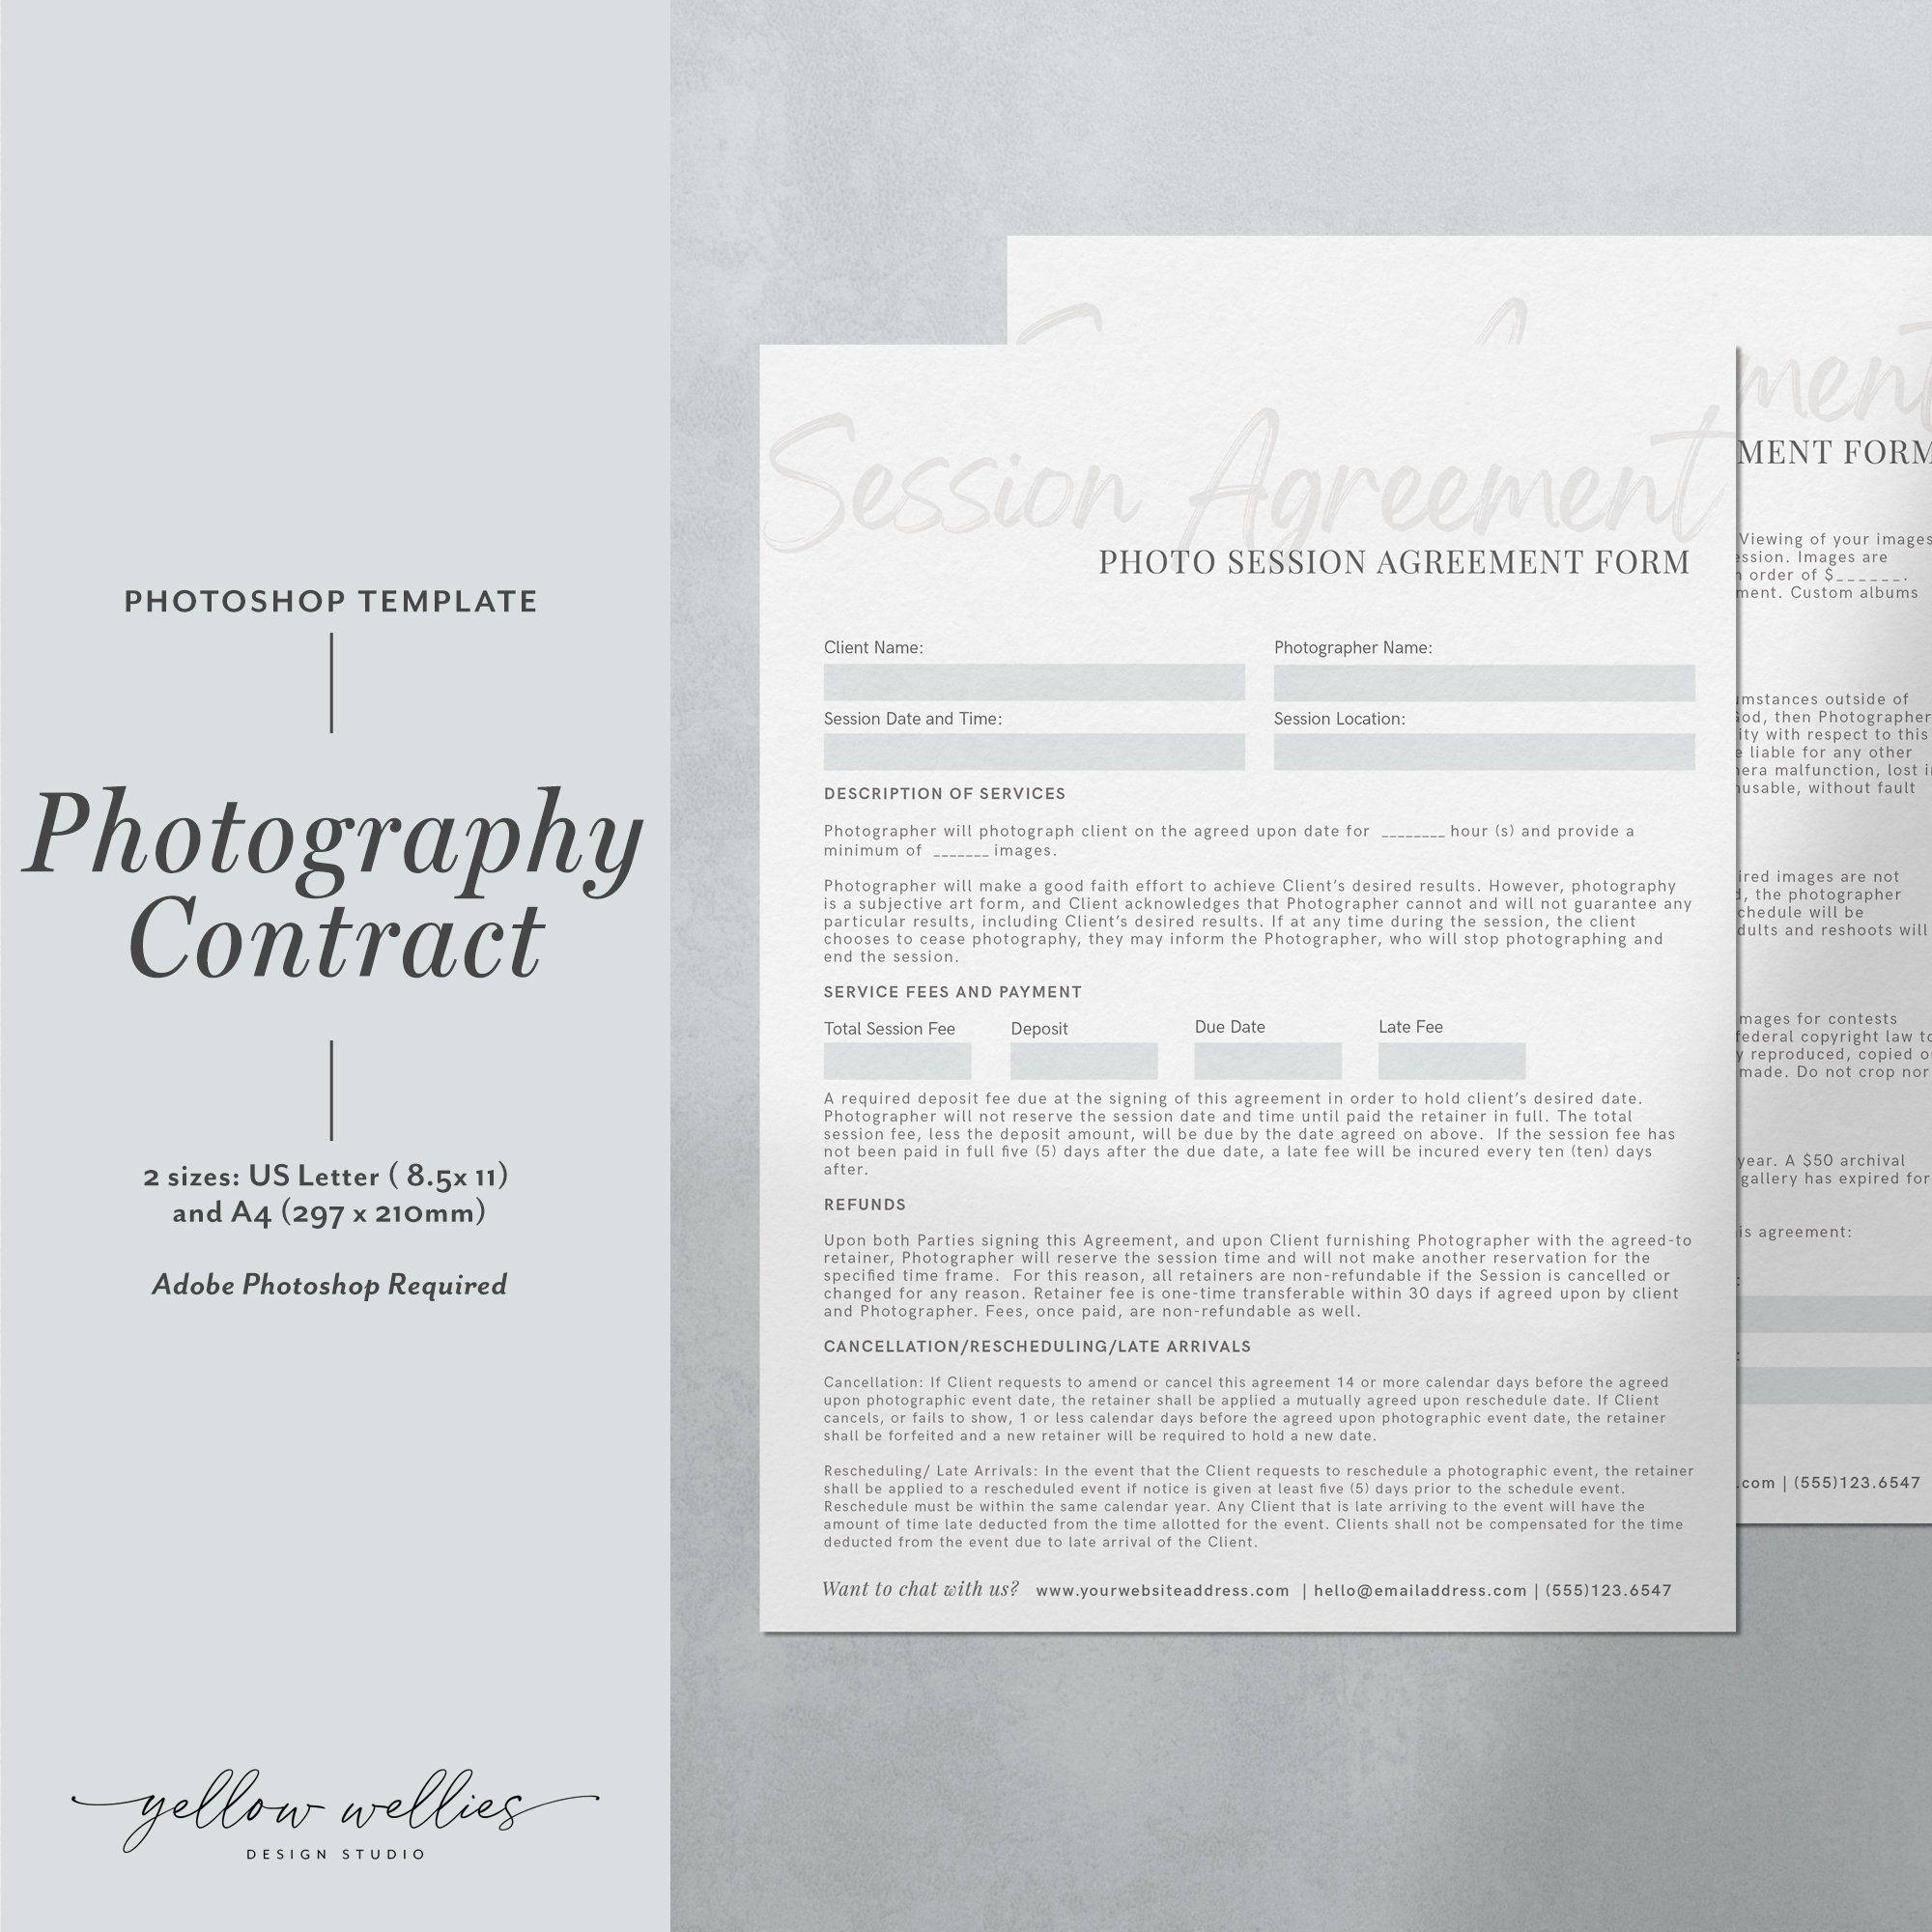 Photoshop Portrait Session Agreement Form Photography Etsy In 2020 Portrait Photoshop Photography Contract Photoshop